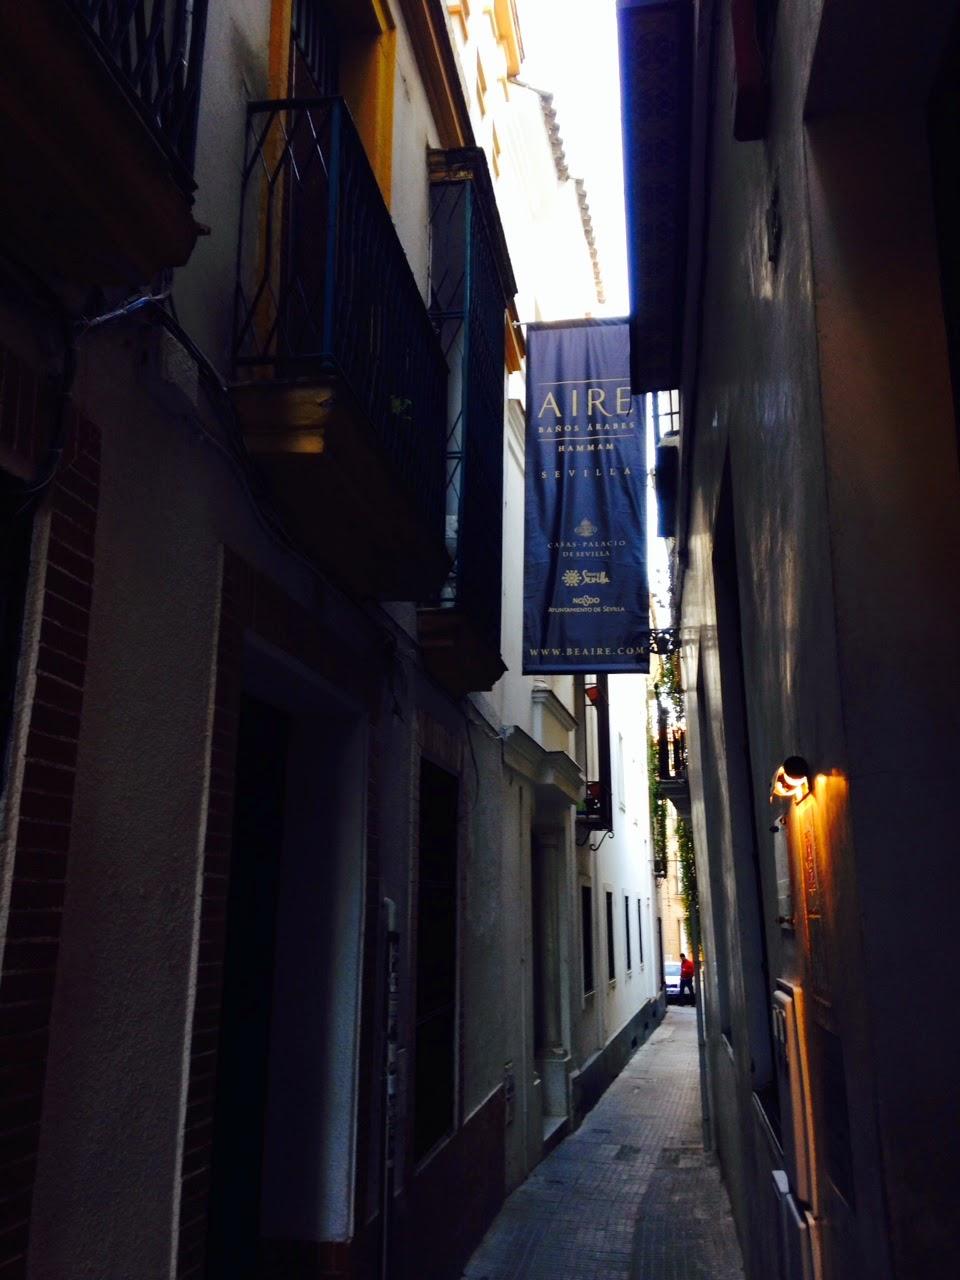 Aire De Sevilla Baños Arabes | Banos Arabes Aire De Sevilla A La Ultima Life Style Tratamientos